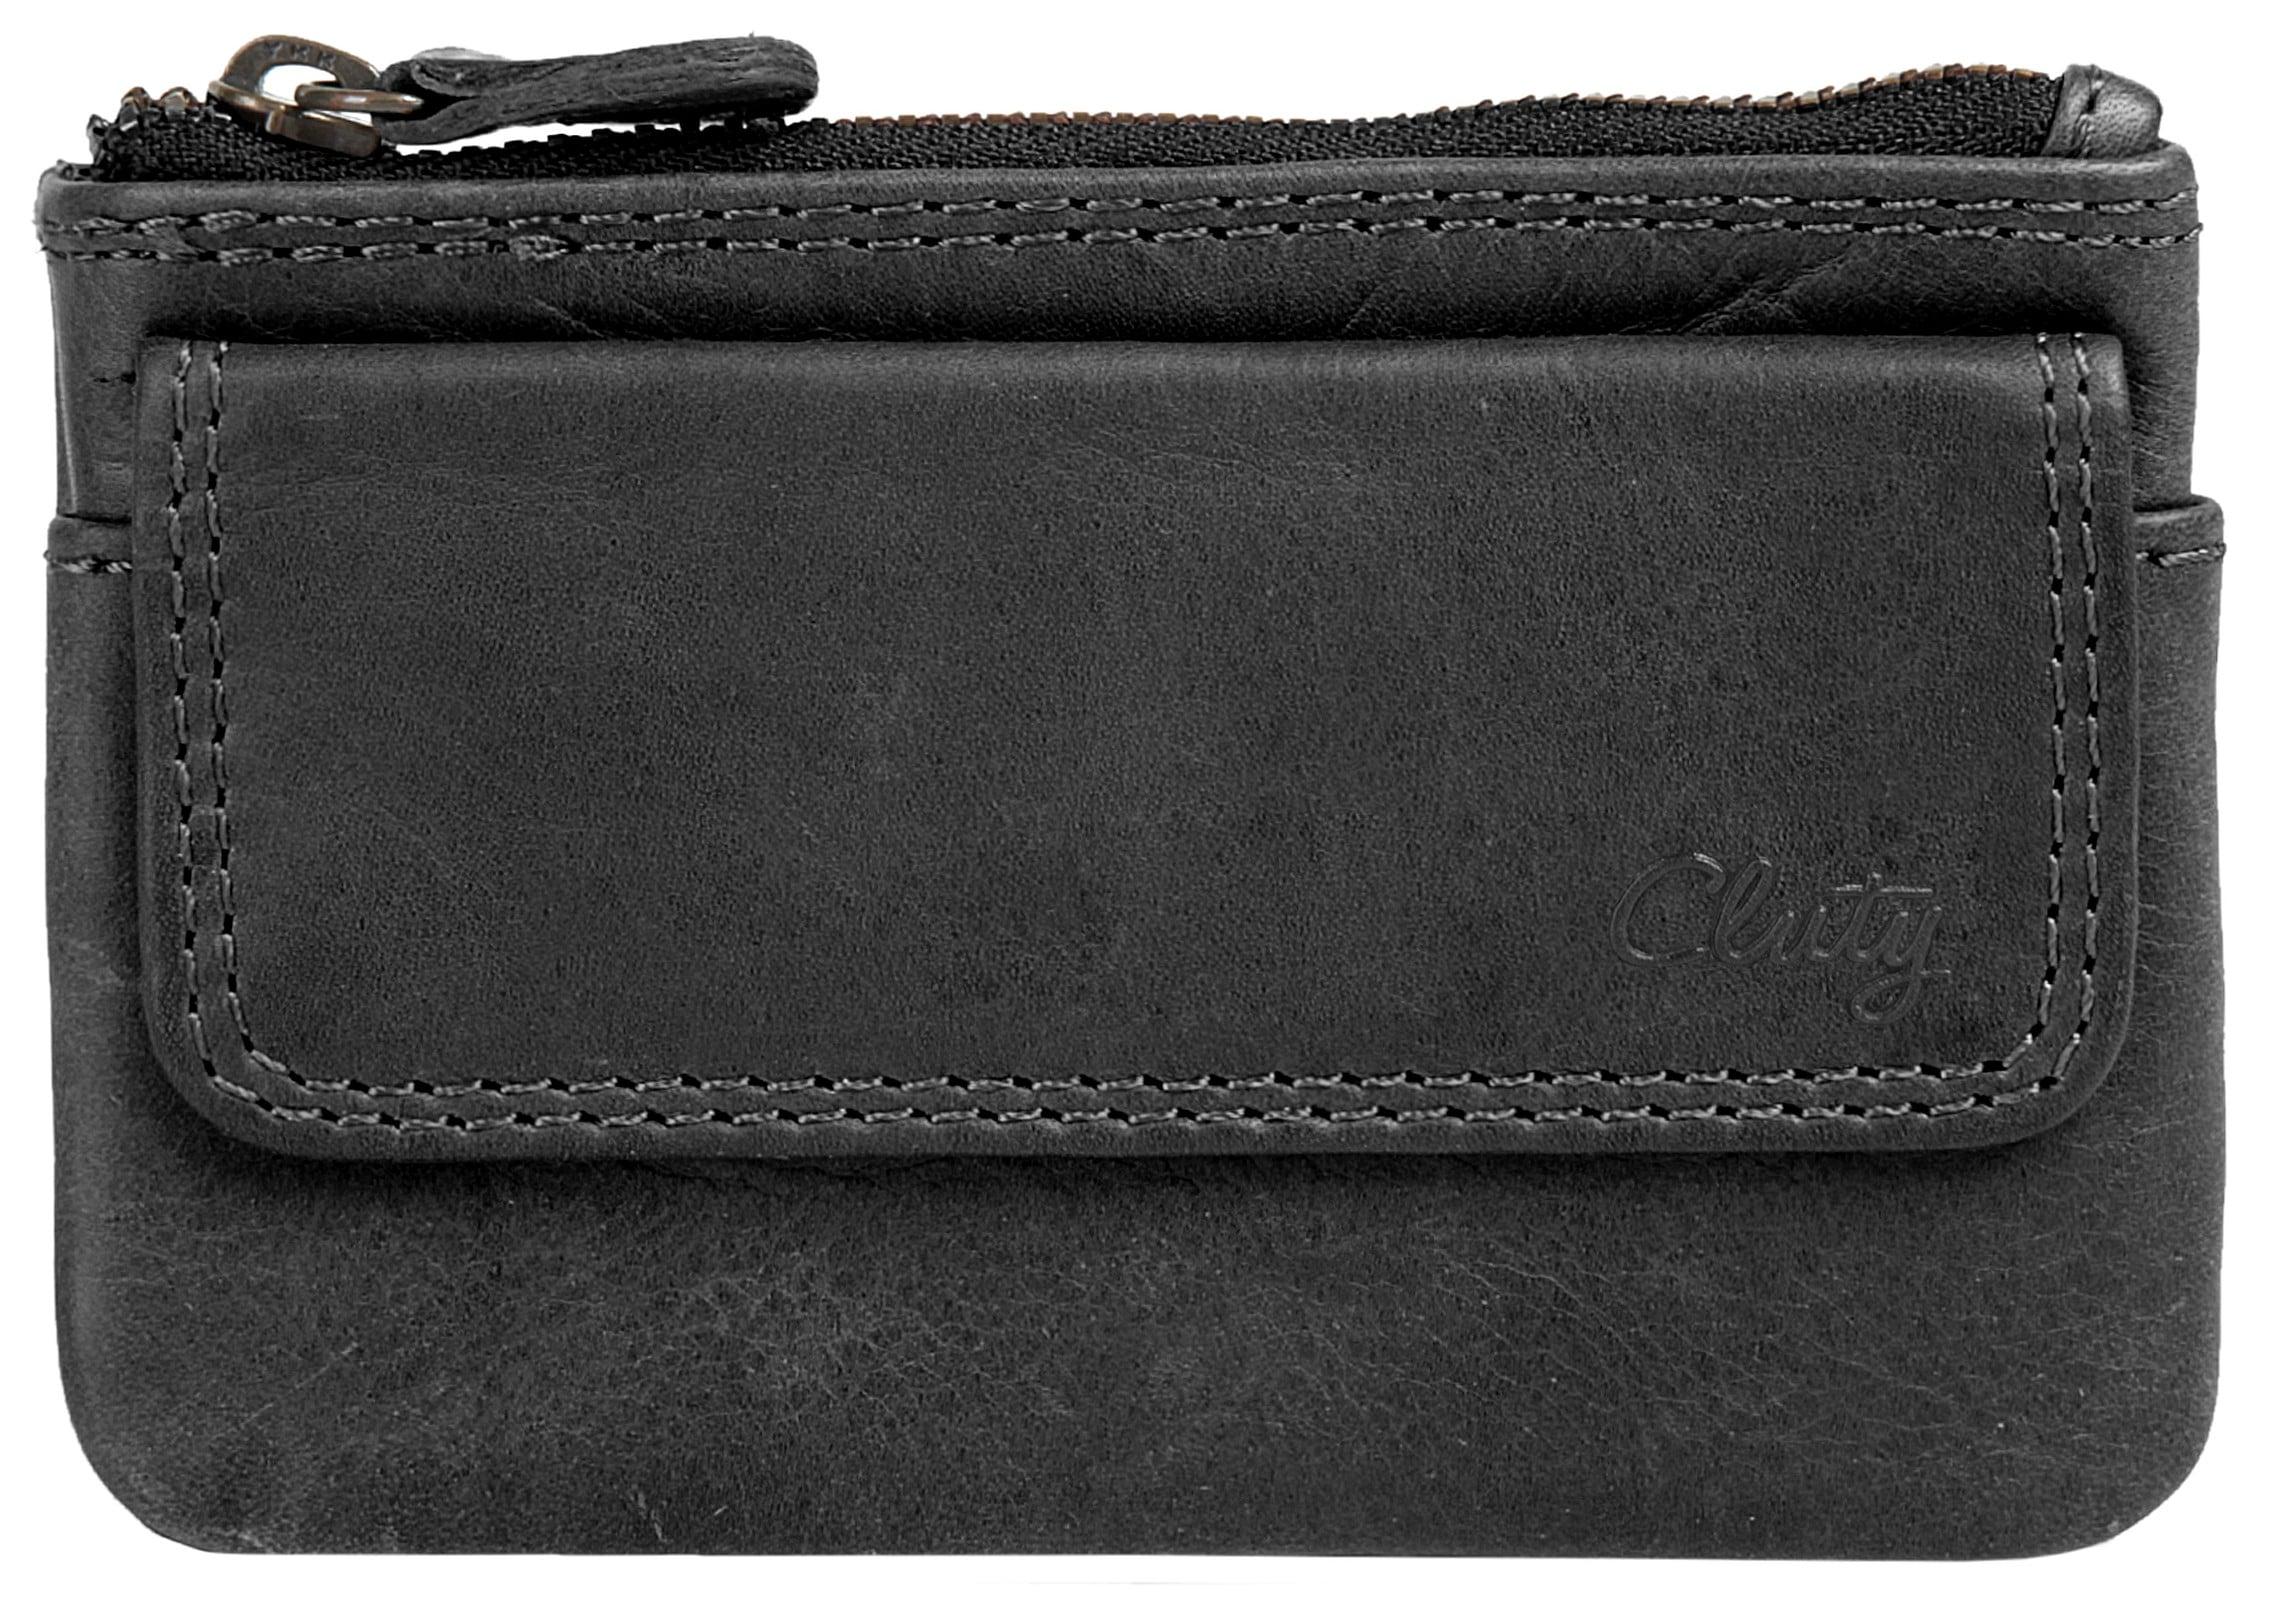 Cluty Schlüsseltasche Damenmode/Schmuck & Accessoires/Taschen/Schlüsseltaschen